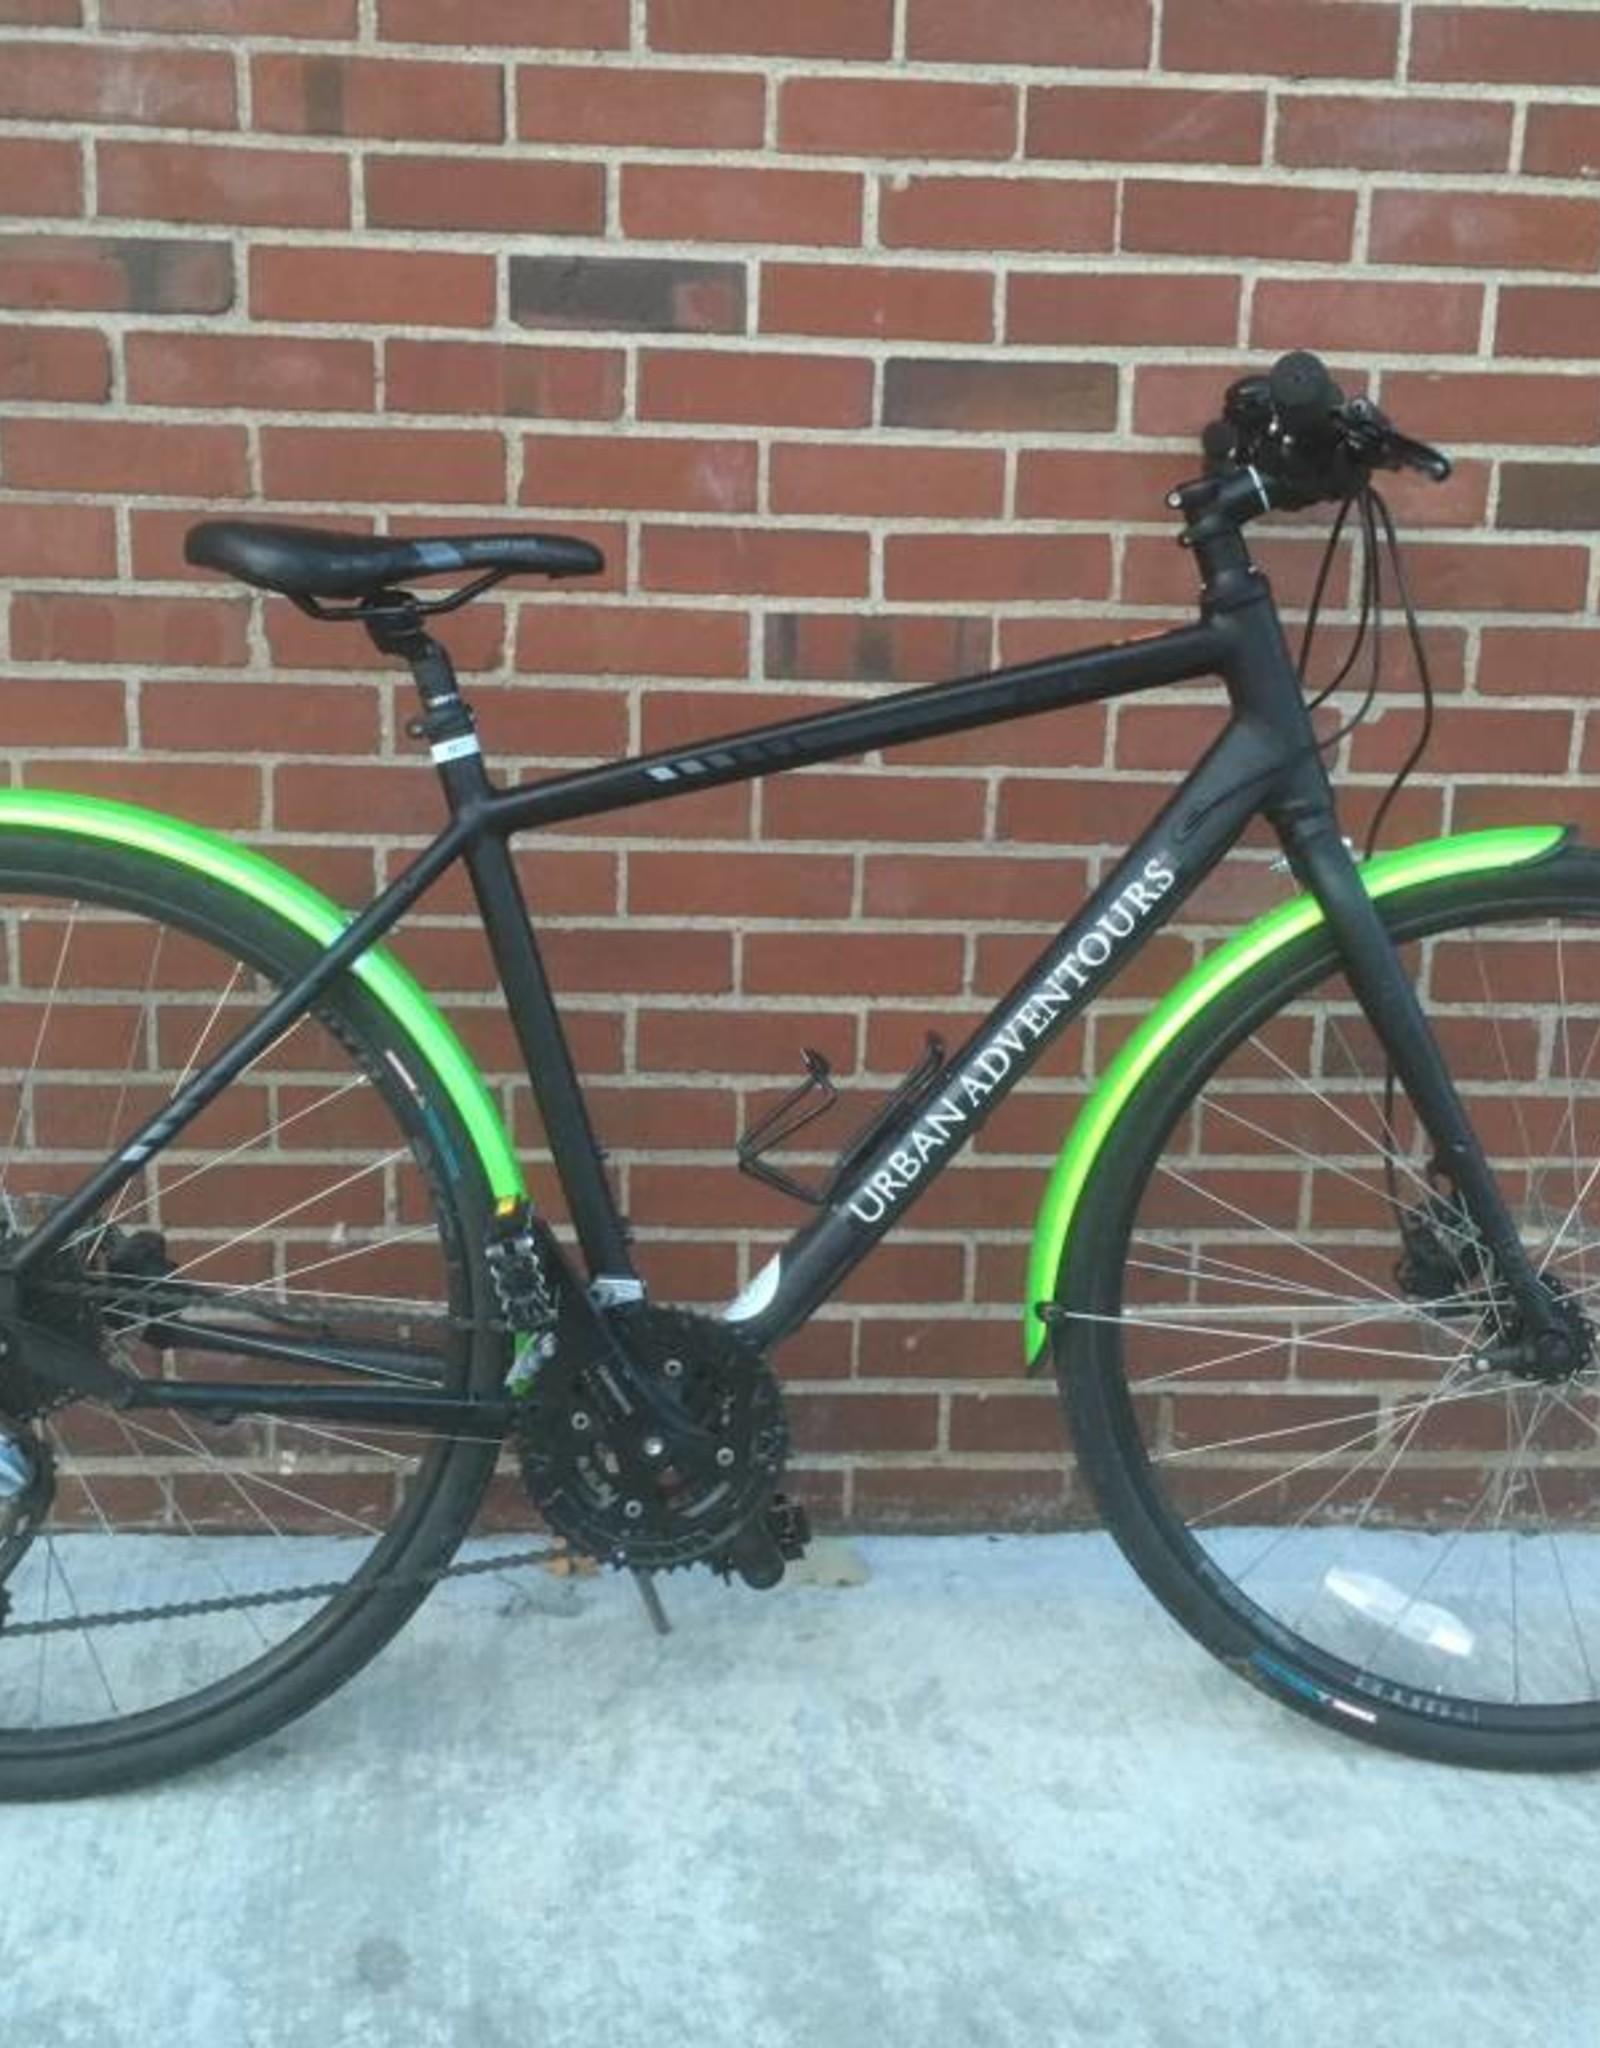 KONA Kona Dew Plus Boston 2016 Matte Black Bicycle